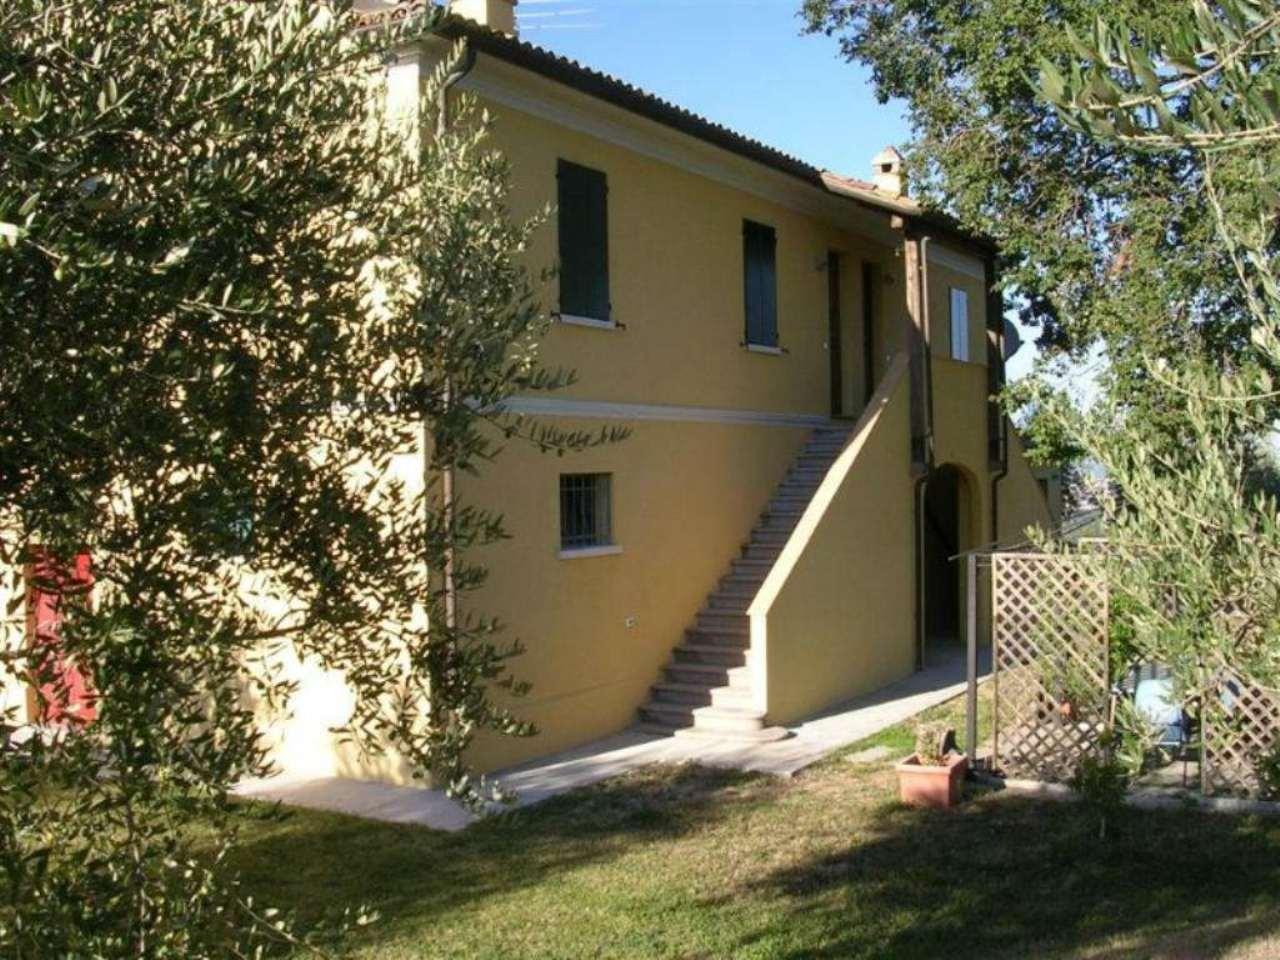 Altro in vendita a Vallefoglia, 9 locali, prezzo € 800.000 | CambioCasa.it